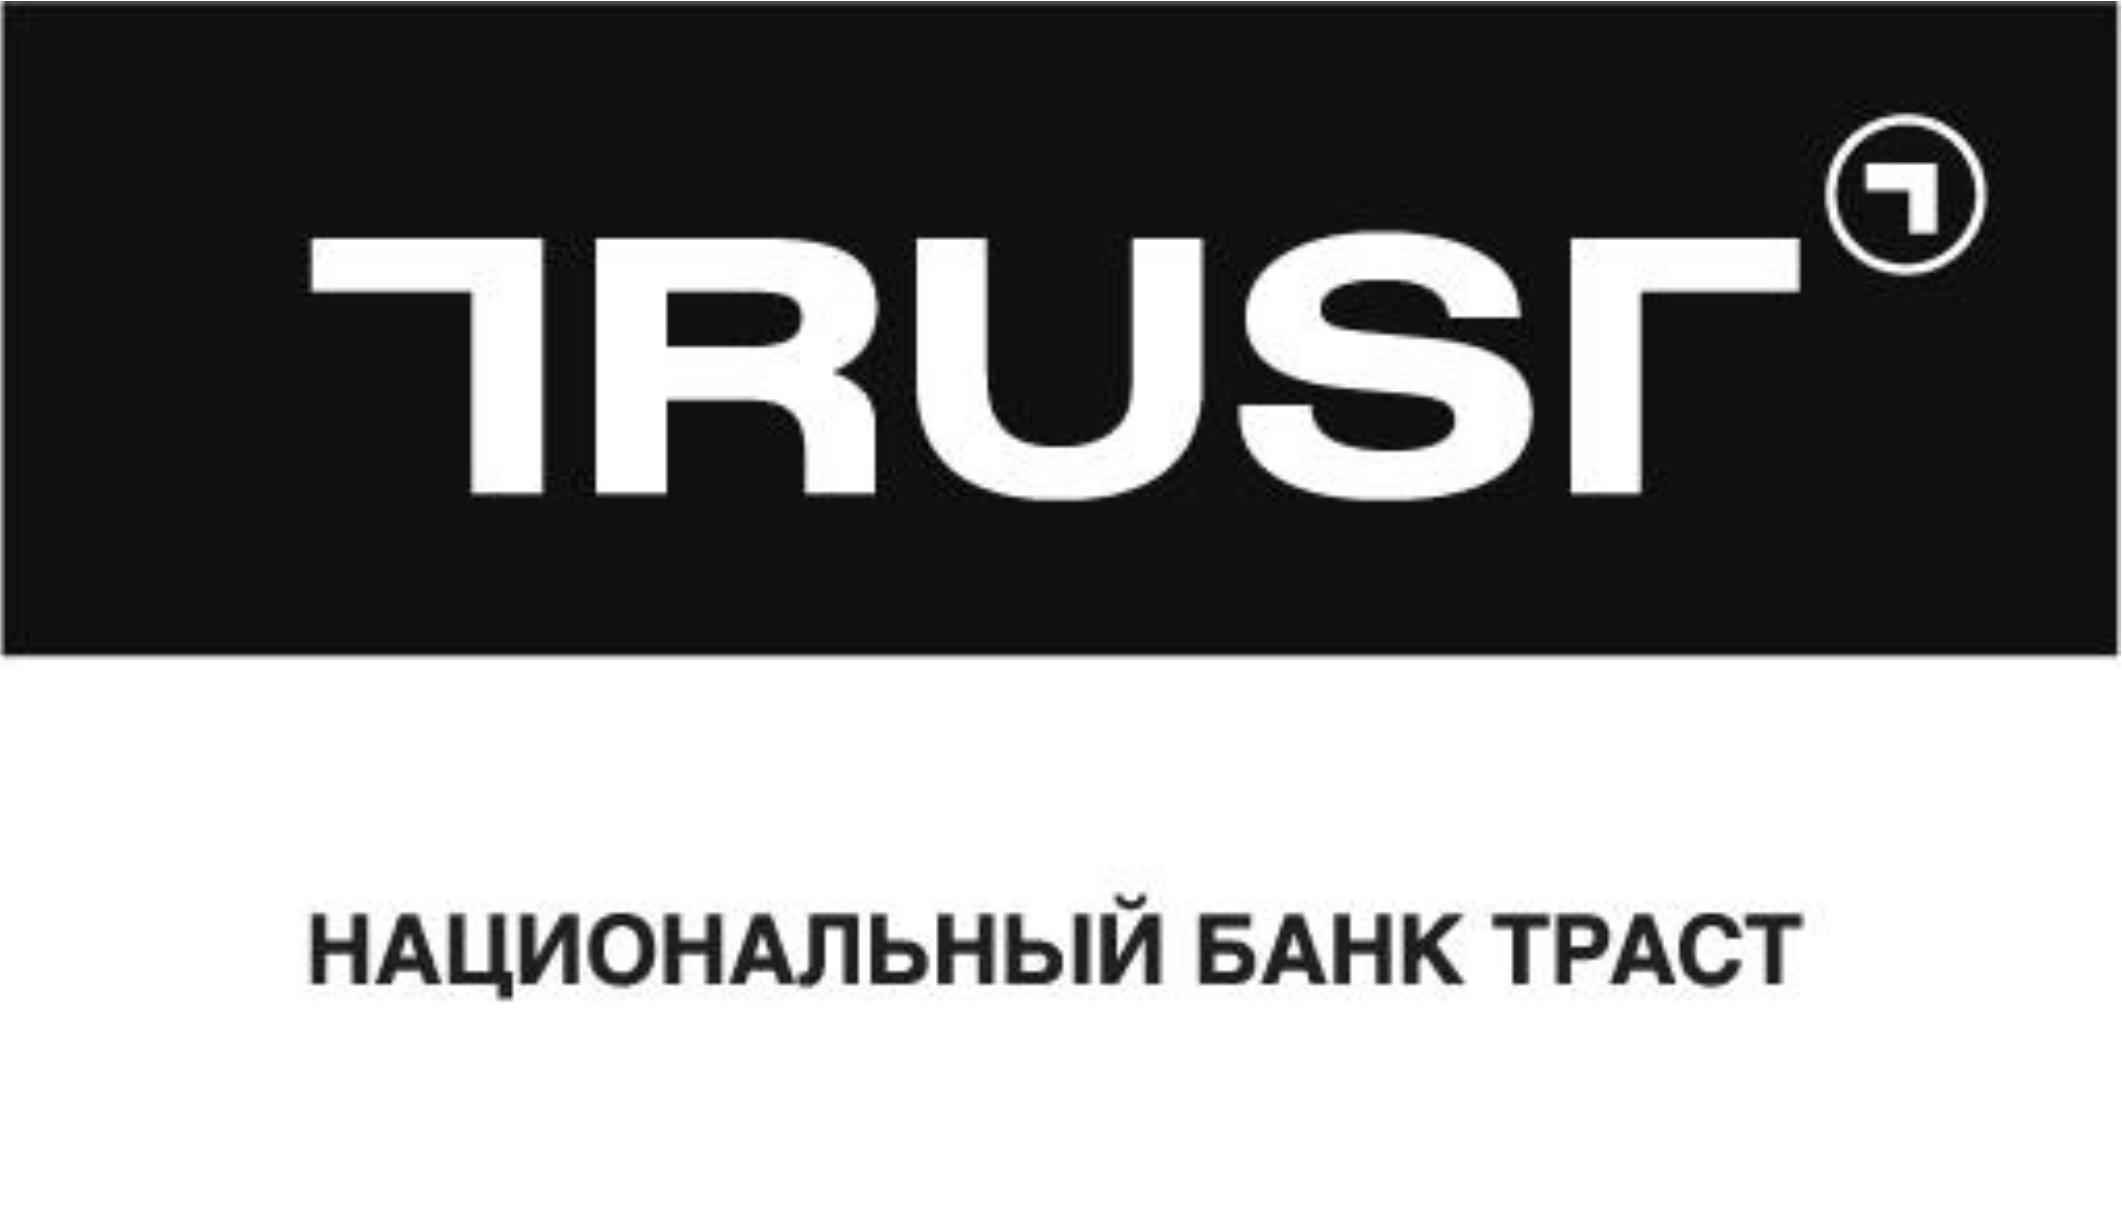 Праздничный день 5 июля для отделений банка «ТРАСТ», расположенных в республиках Башкортостан и Татарстан - БАНК «ТРАСТ»